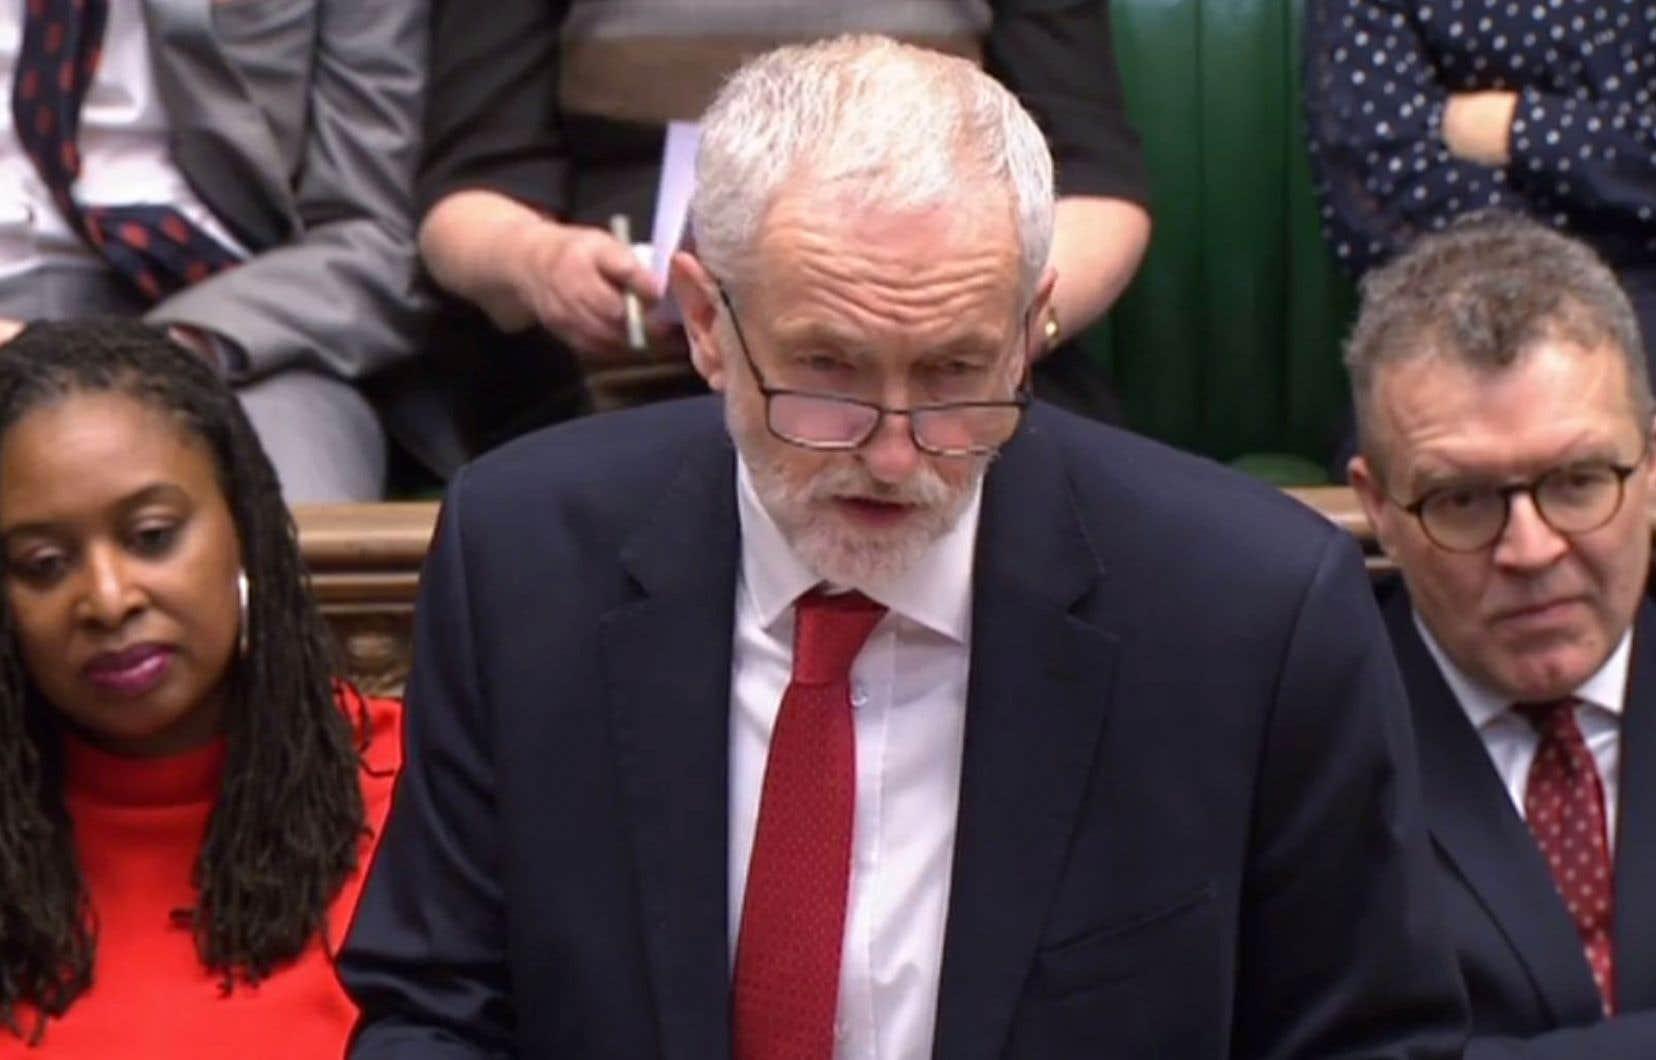 Le chef de l'opposition, Jeremy Corbyn, a rencontréTheresa May dans l'espoir d'en arriver à un scénario de sortie de crise mutuellement consenti.